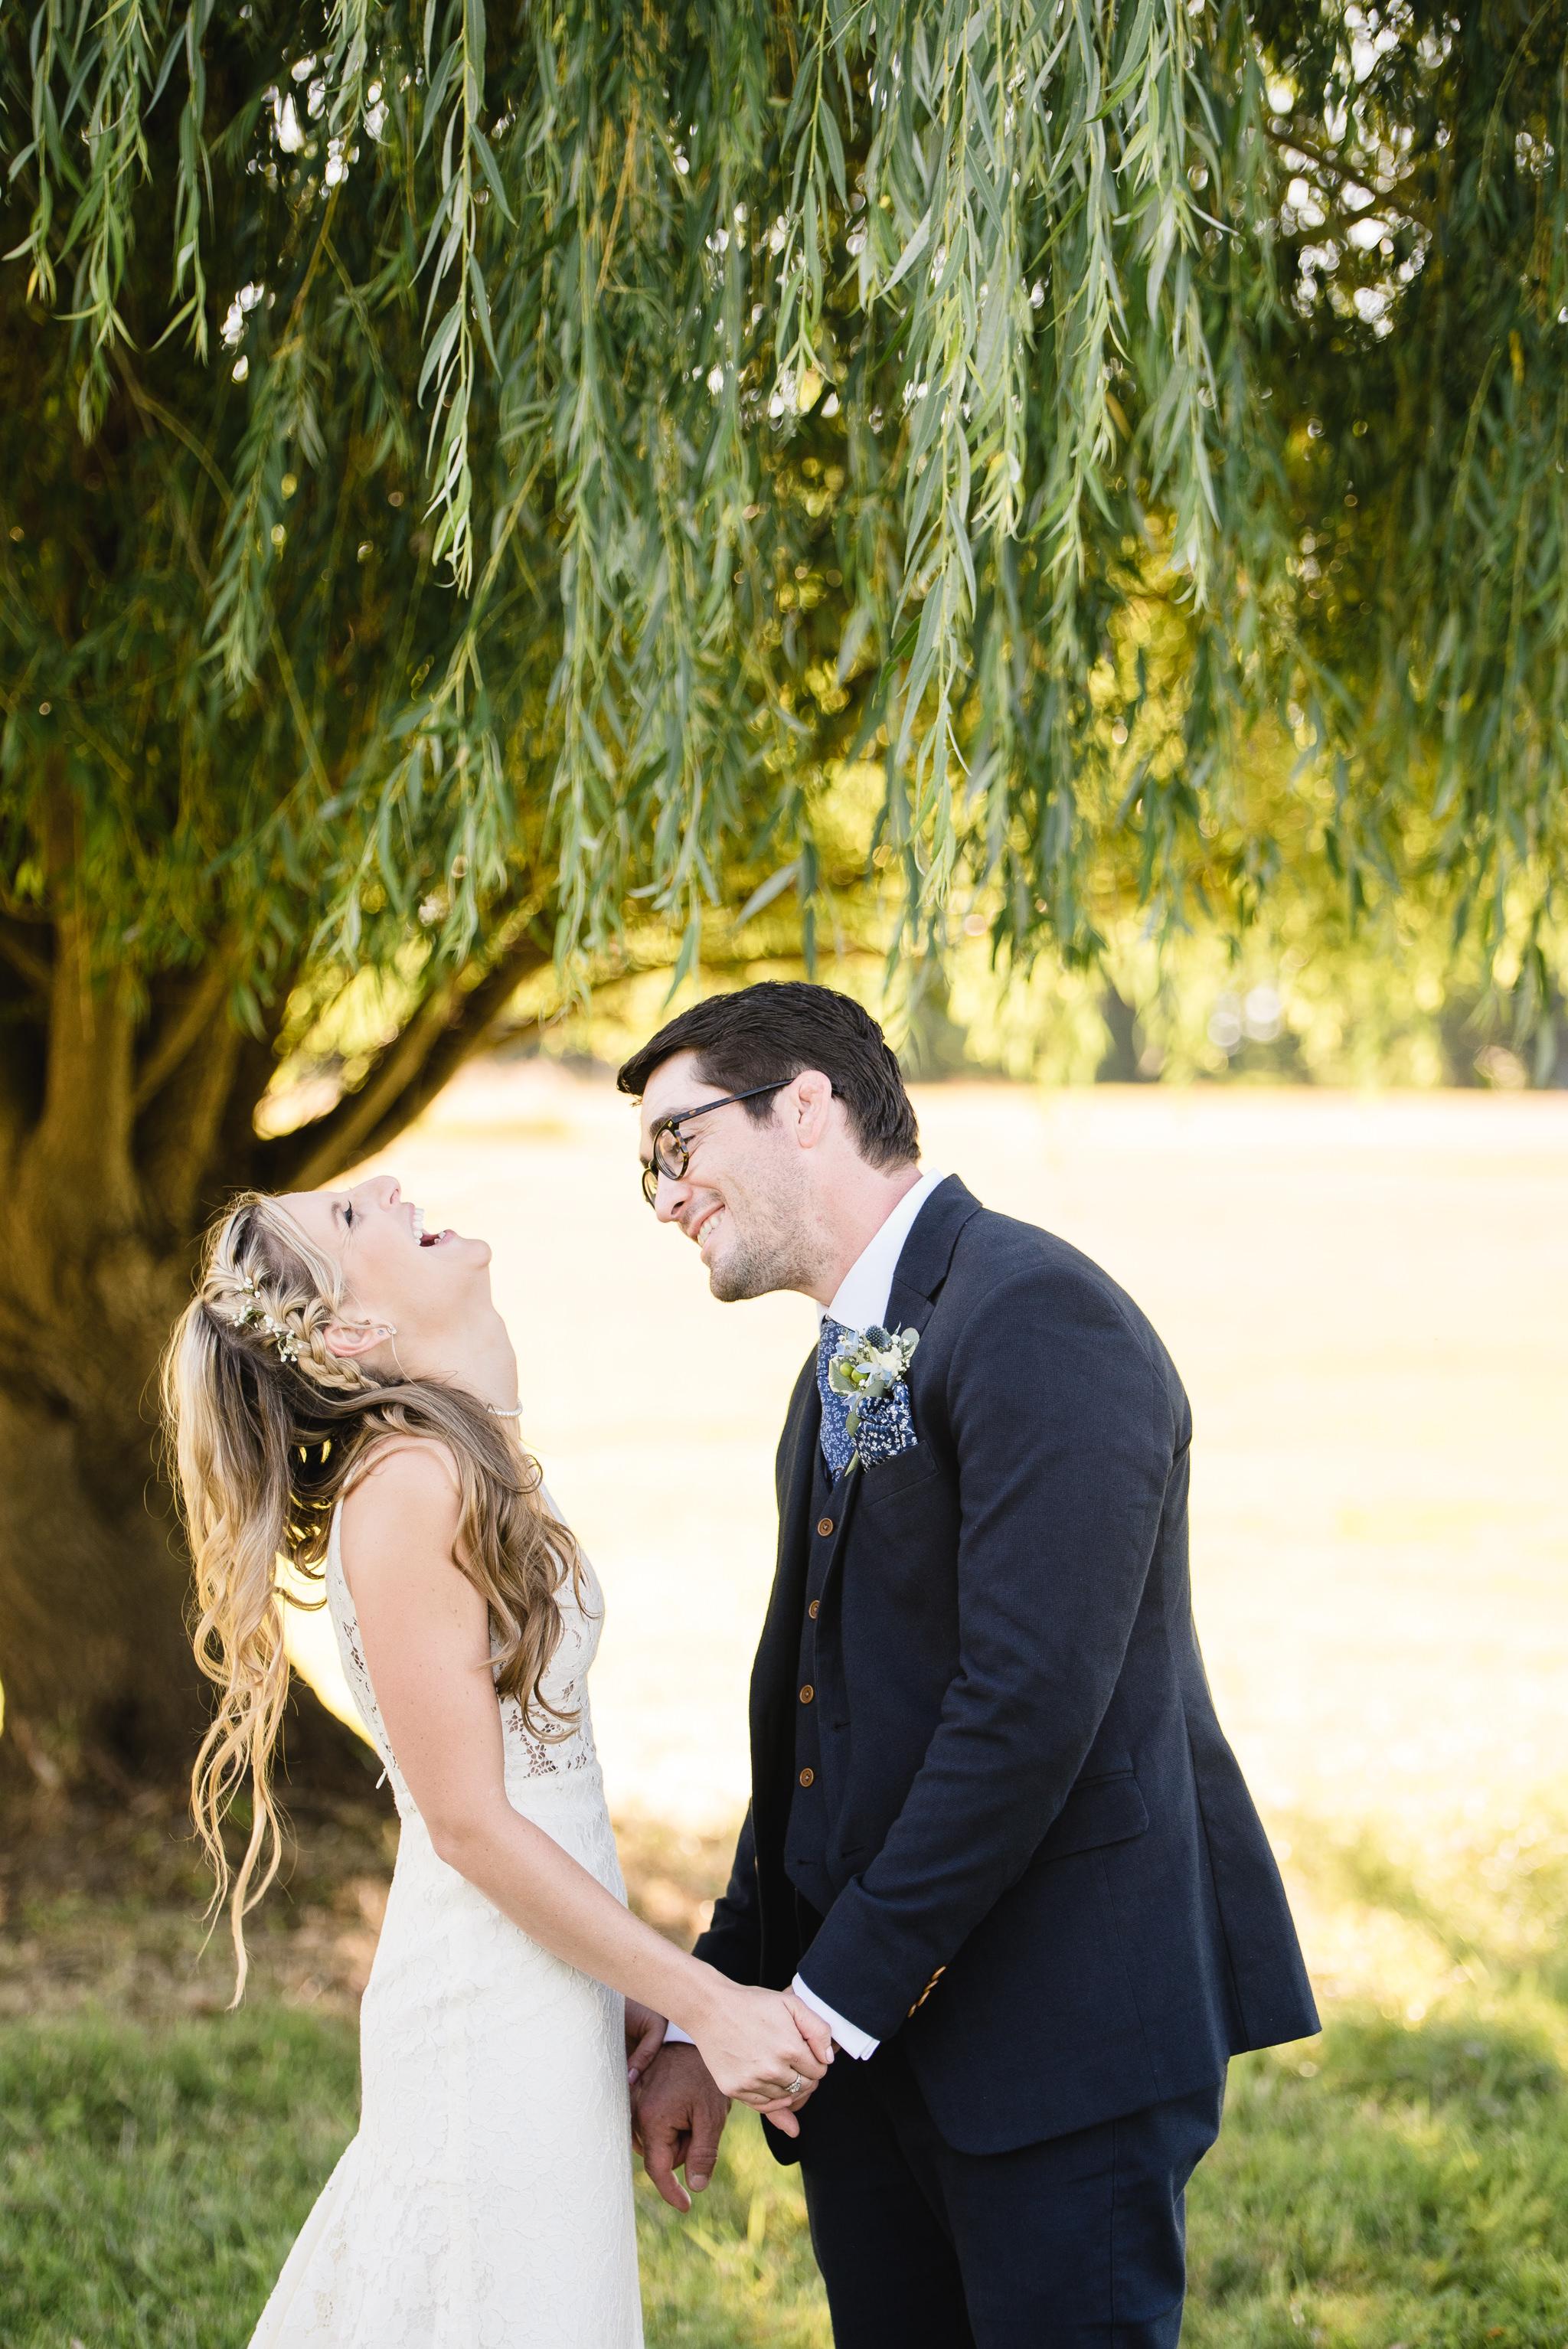 LINDSAY_WEDDING_BORN_TO_RUN_FARM_2900.jpg